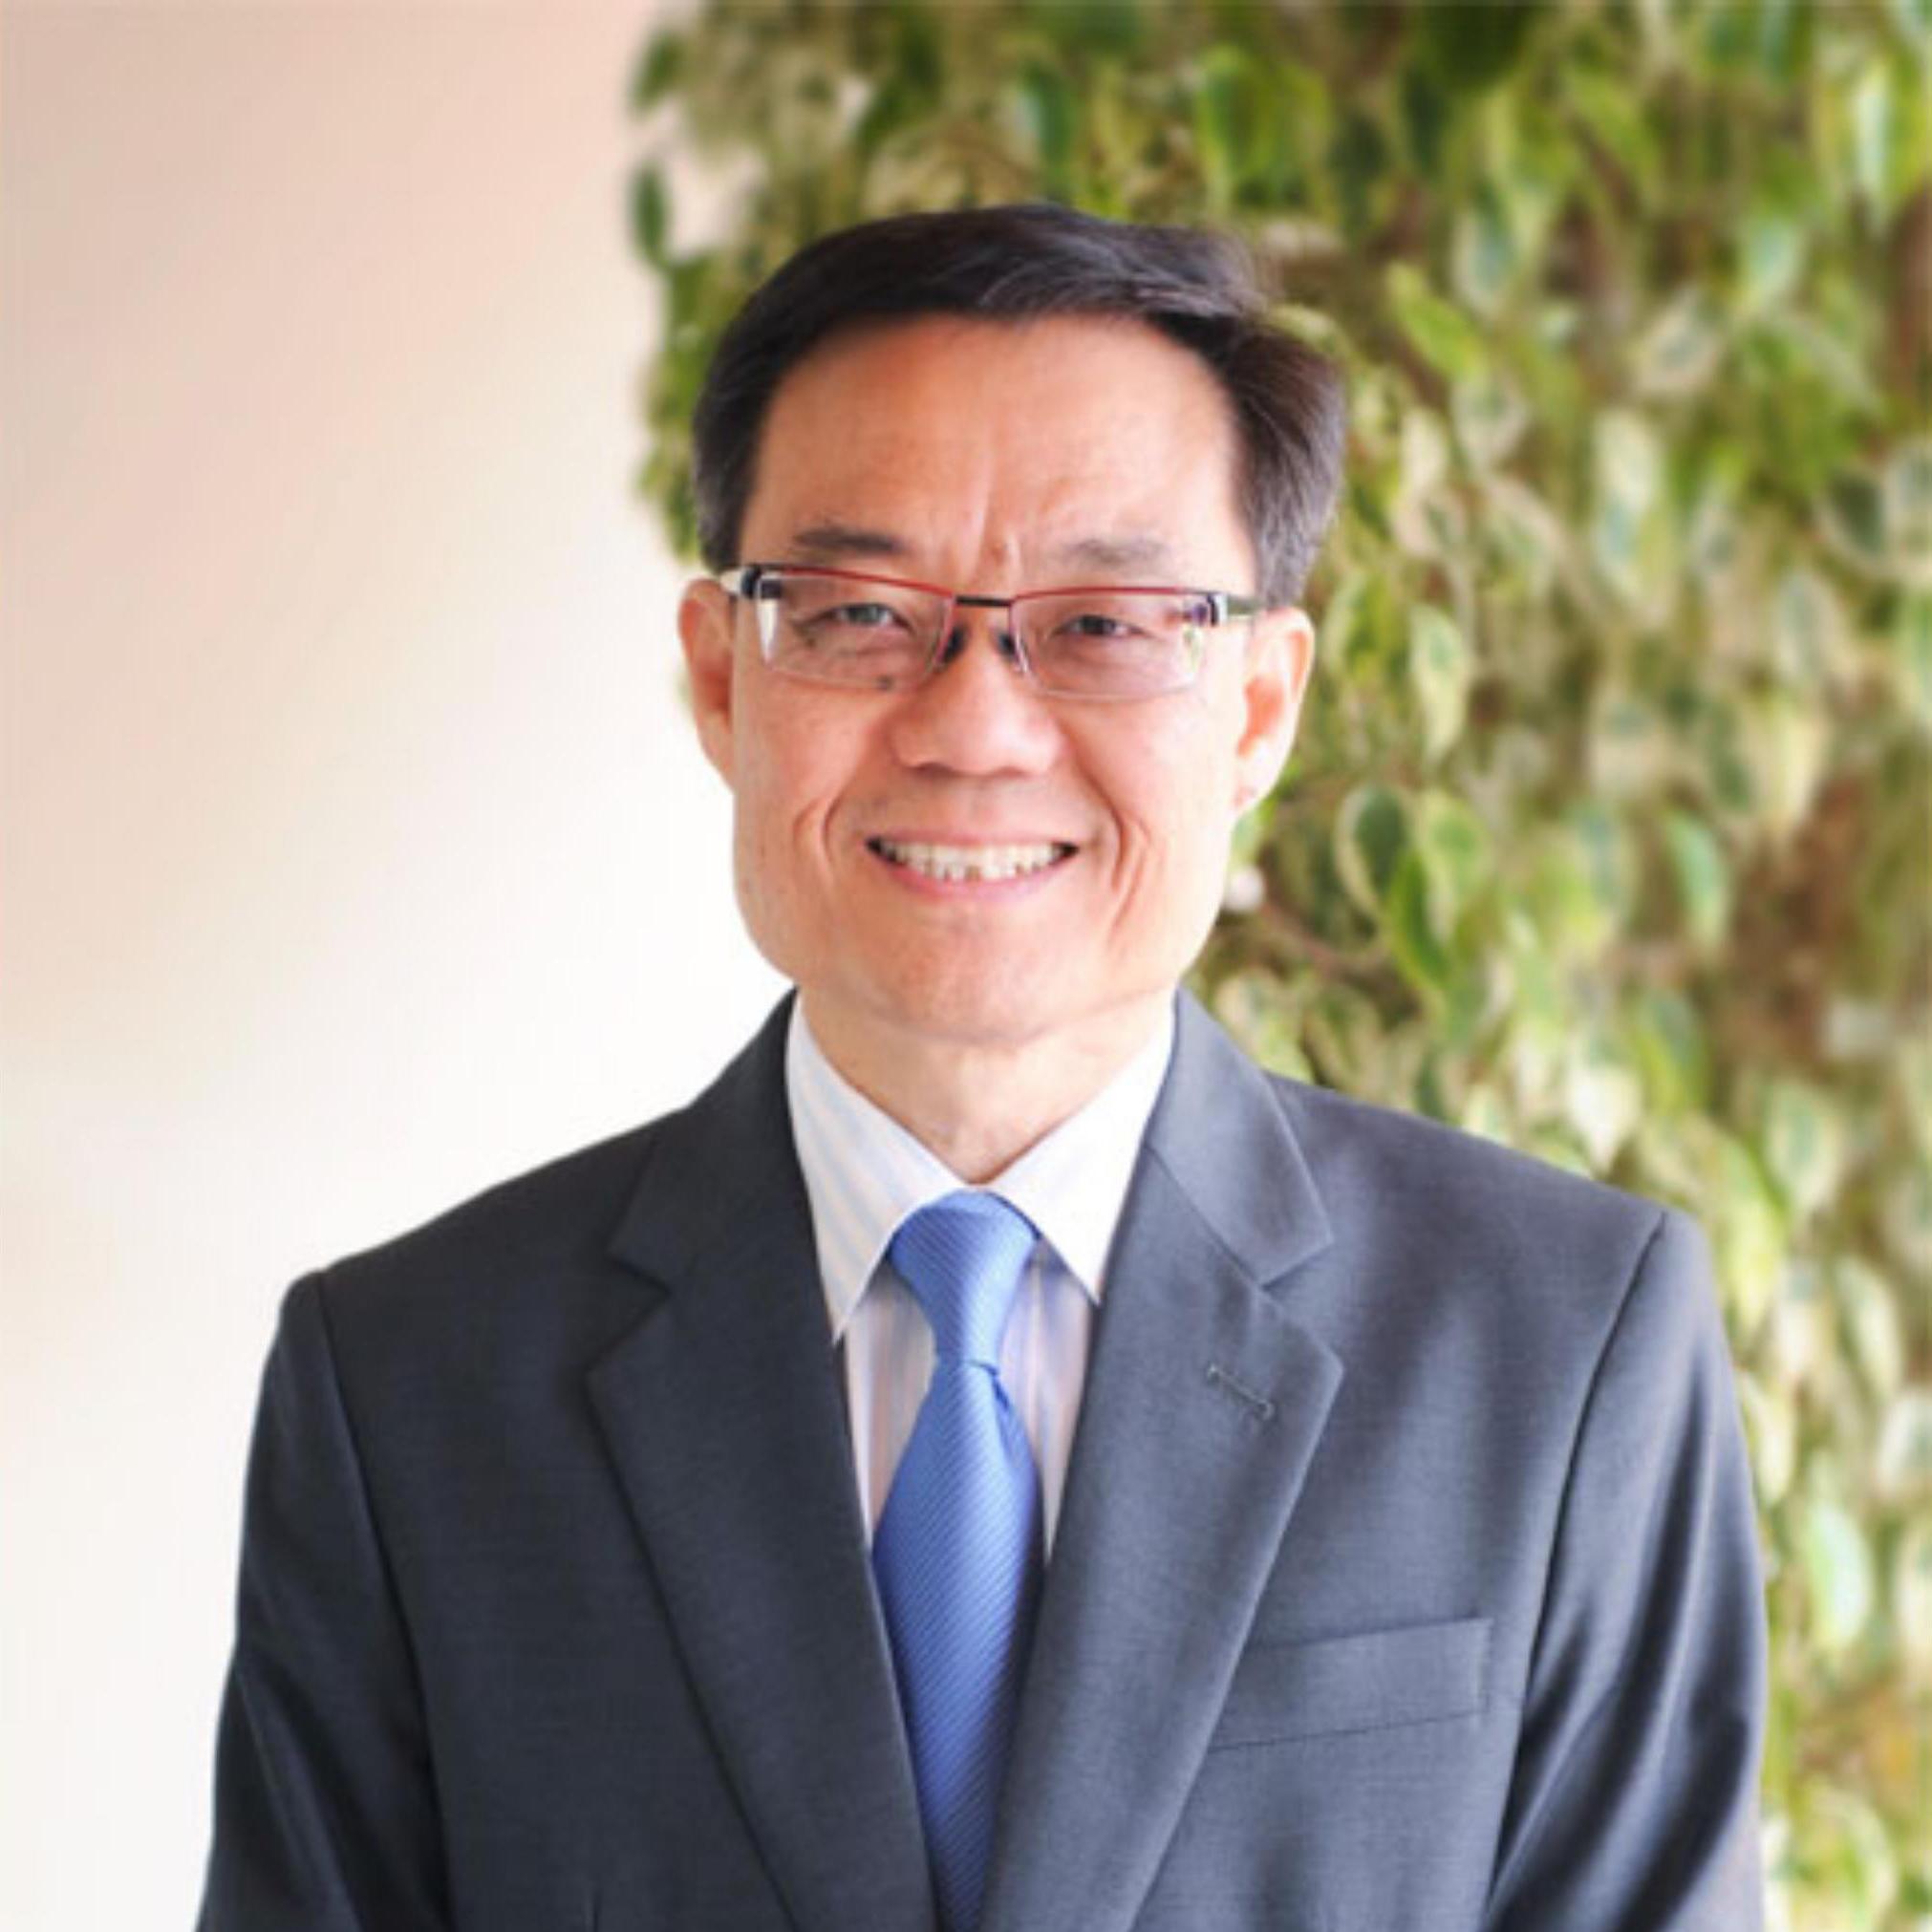 Ps Benny Ho Senior Pastor, Faith Community Church Founder, Arrows College Apostolic Leader, D-net Churches